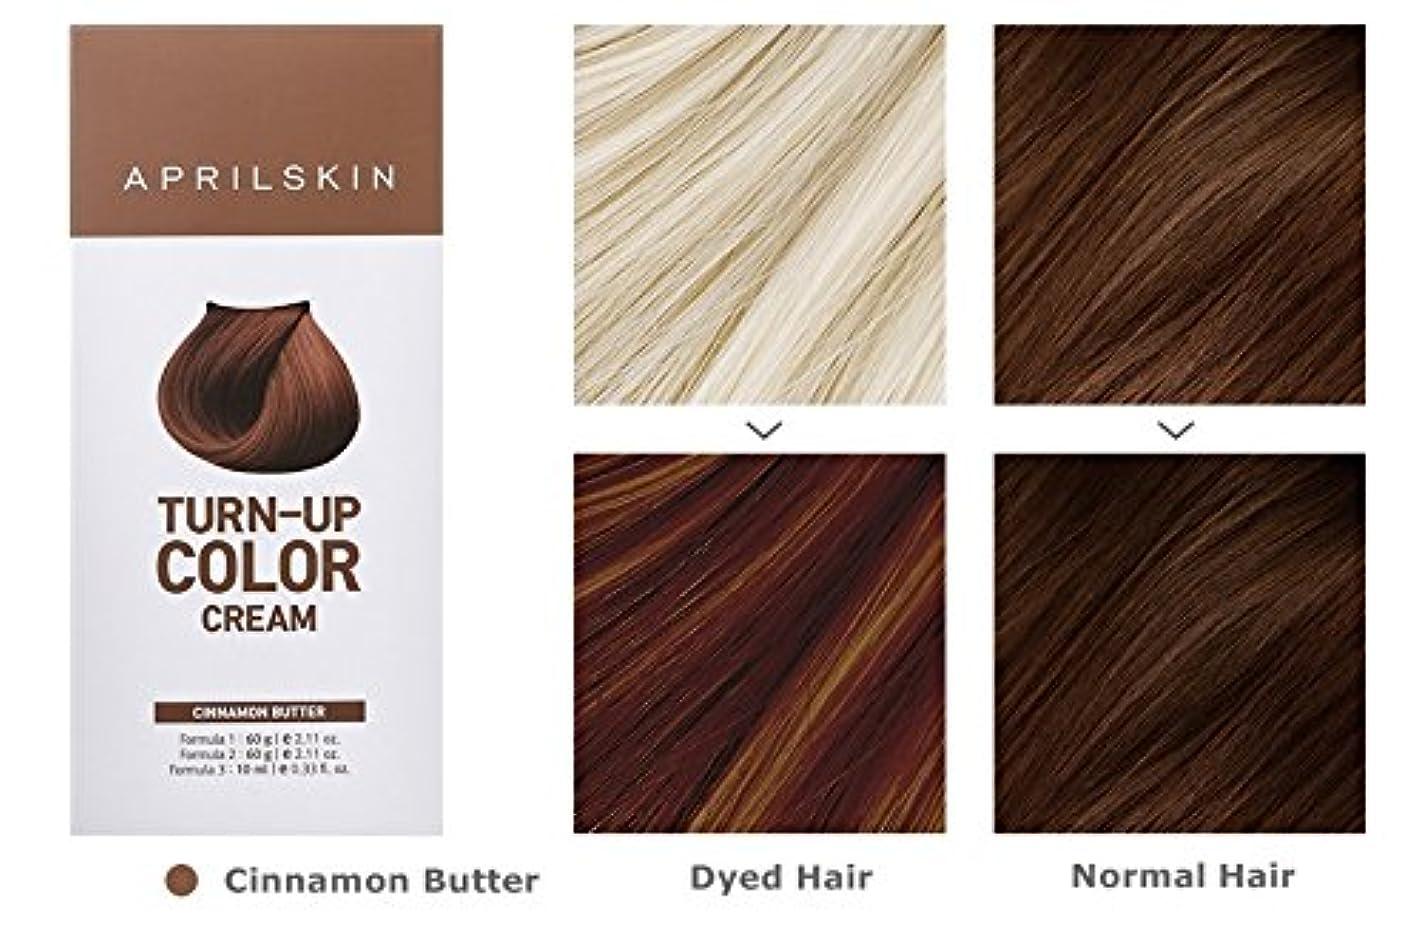 思春期のいちゃつく風味April Skin Turn Up Color Cream Long lasting Texture Type Hair Dye エイプリルスキン ターンアップカラークリーム長持ちテクスチャタイプヘアダイ (紅)